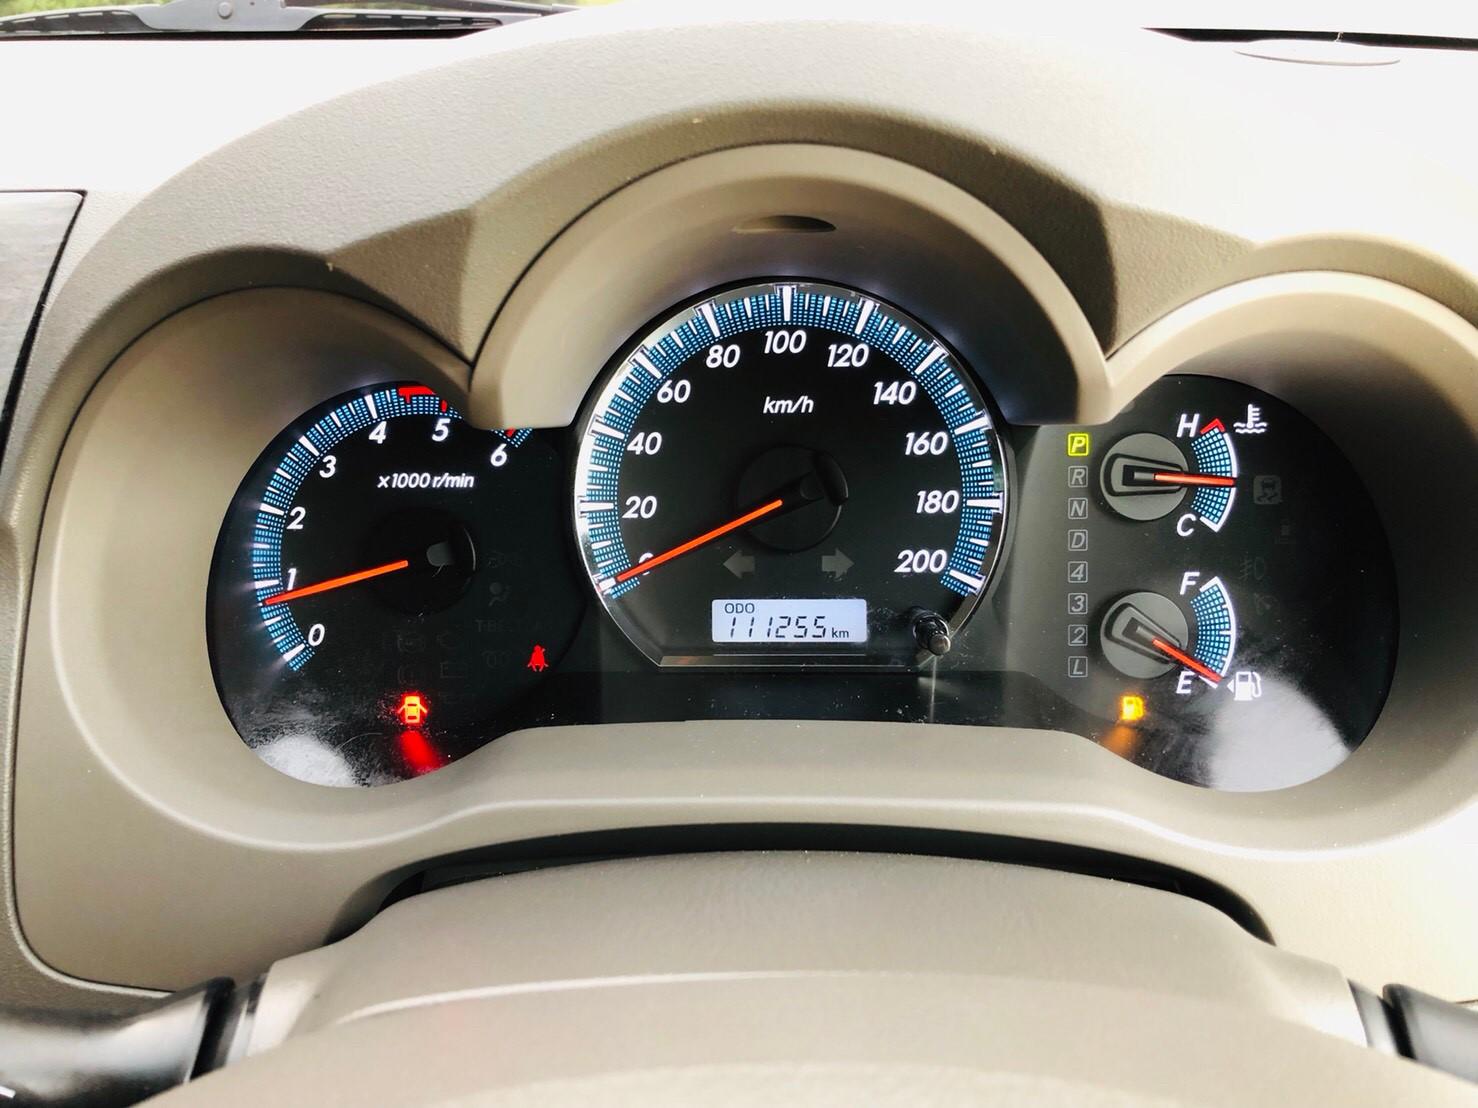 ภาพหน้าปัดเลขไมล์ โตโยต้า ฟอร์จูนเนอร์ 3.0 V 4WD ปี 2013